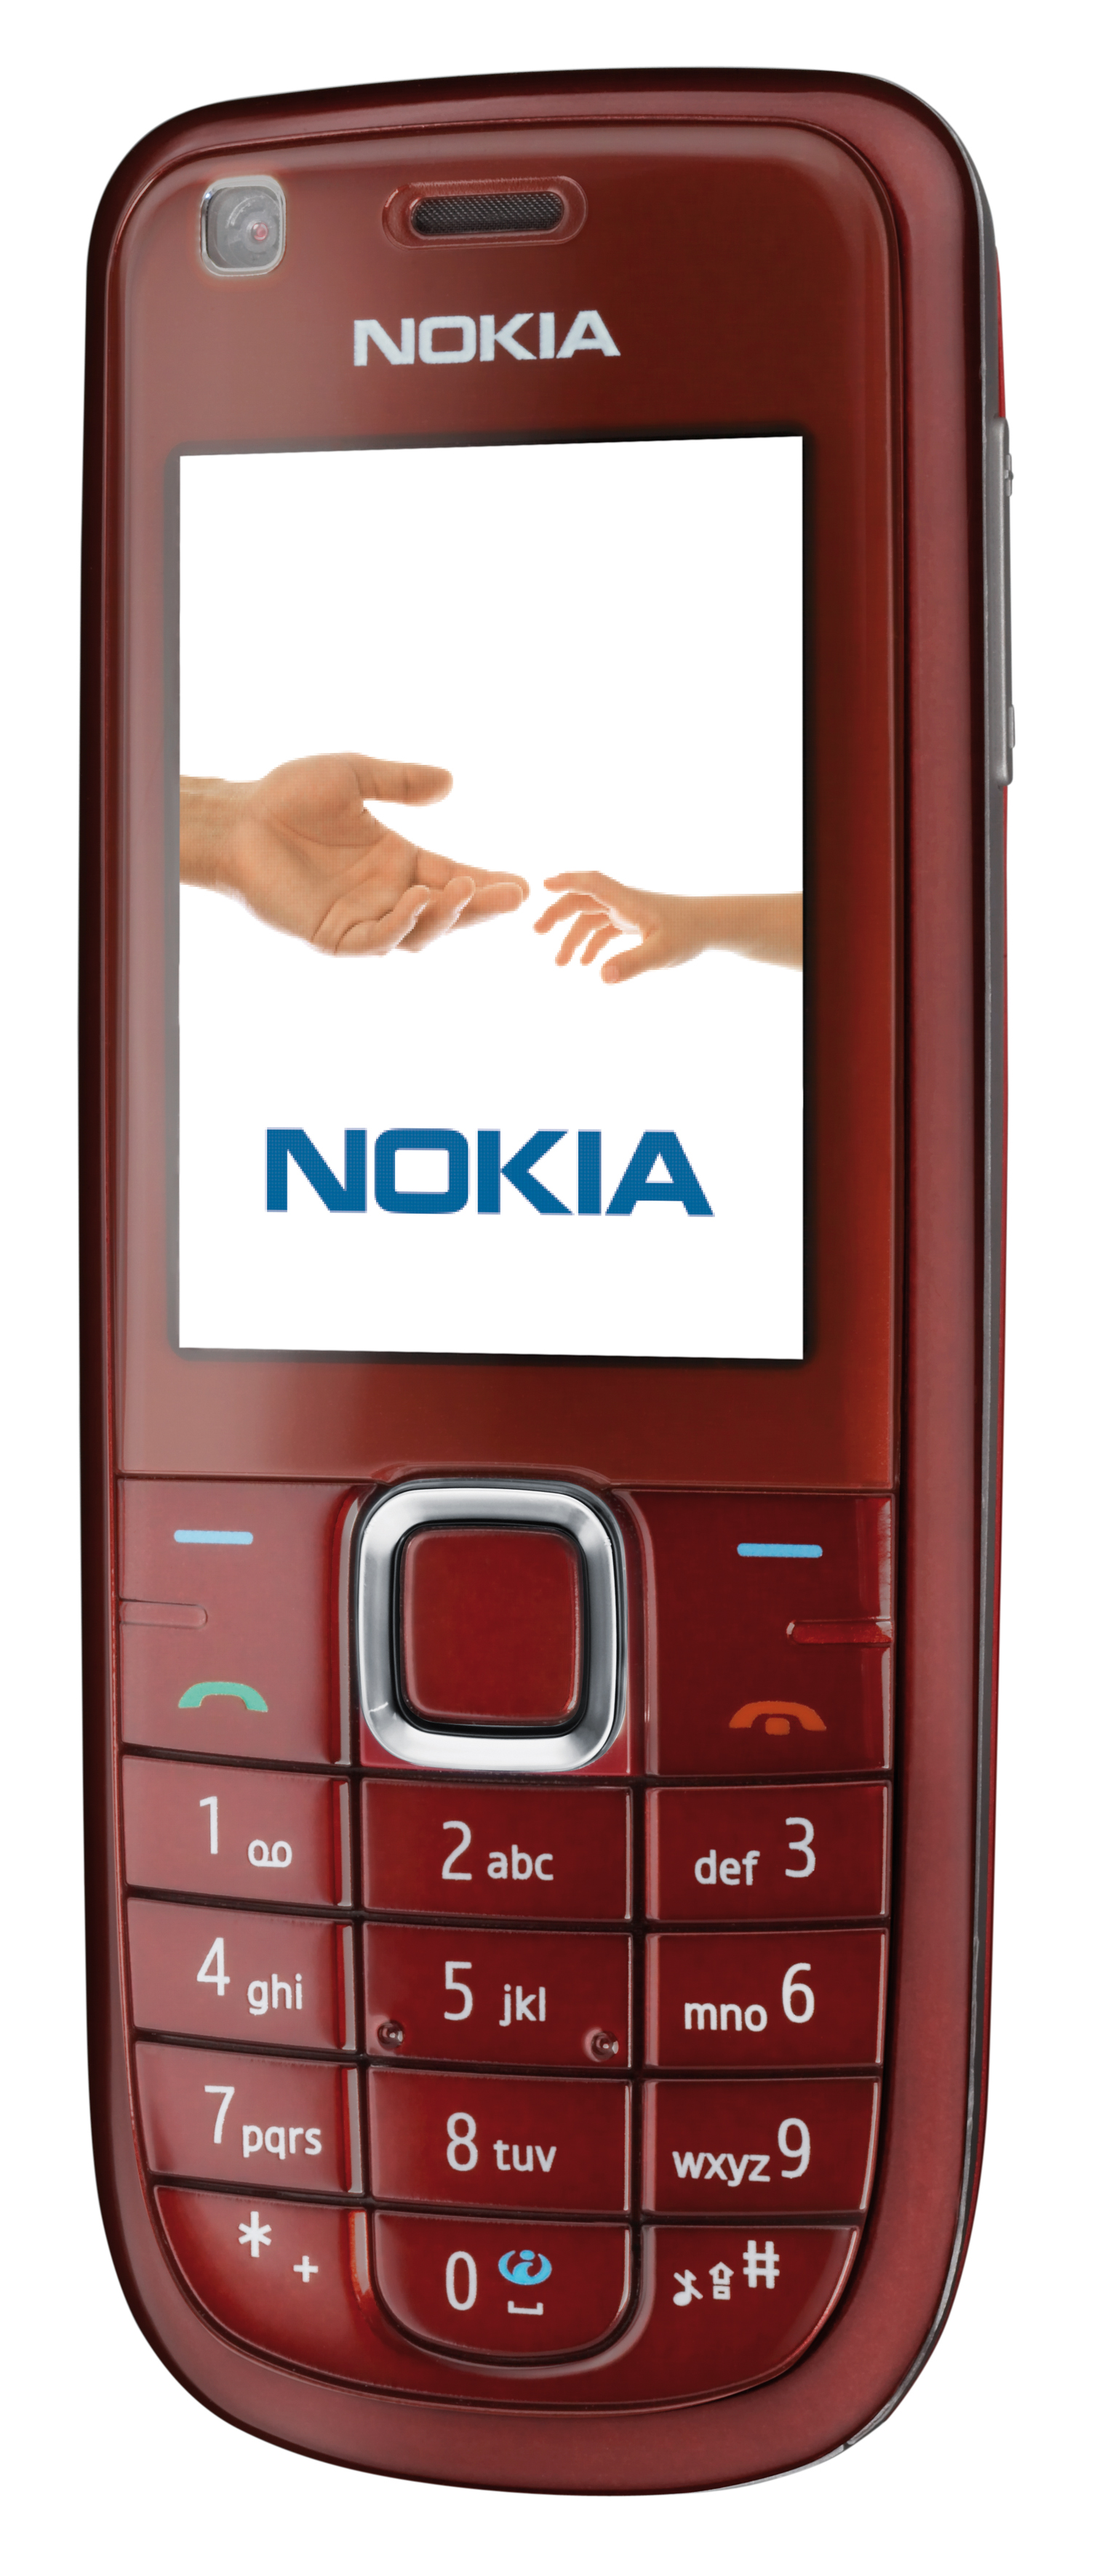 06_Nokia3120_classic.jpg